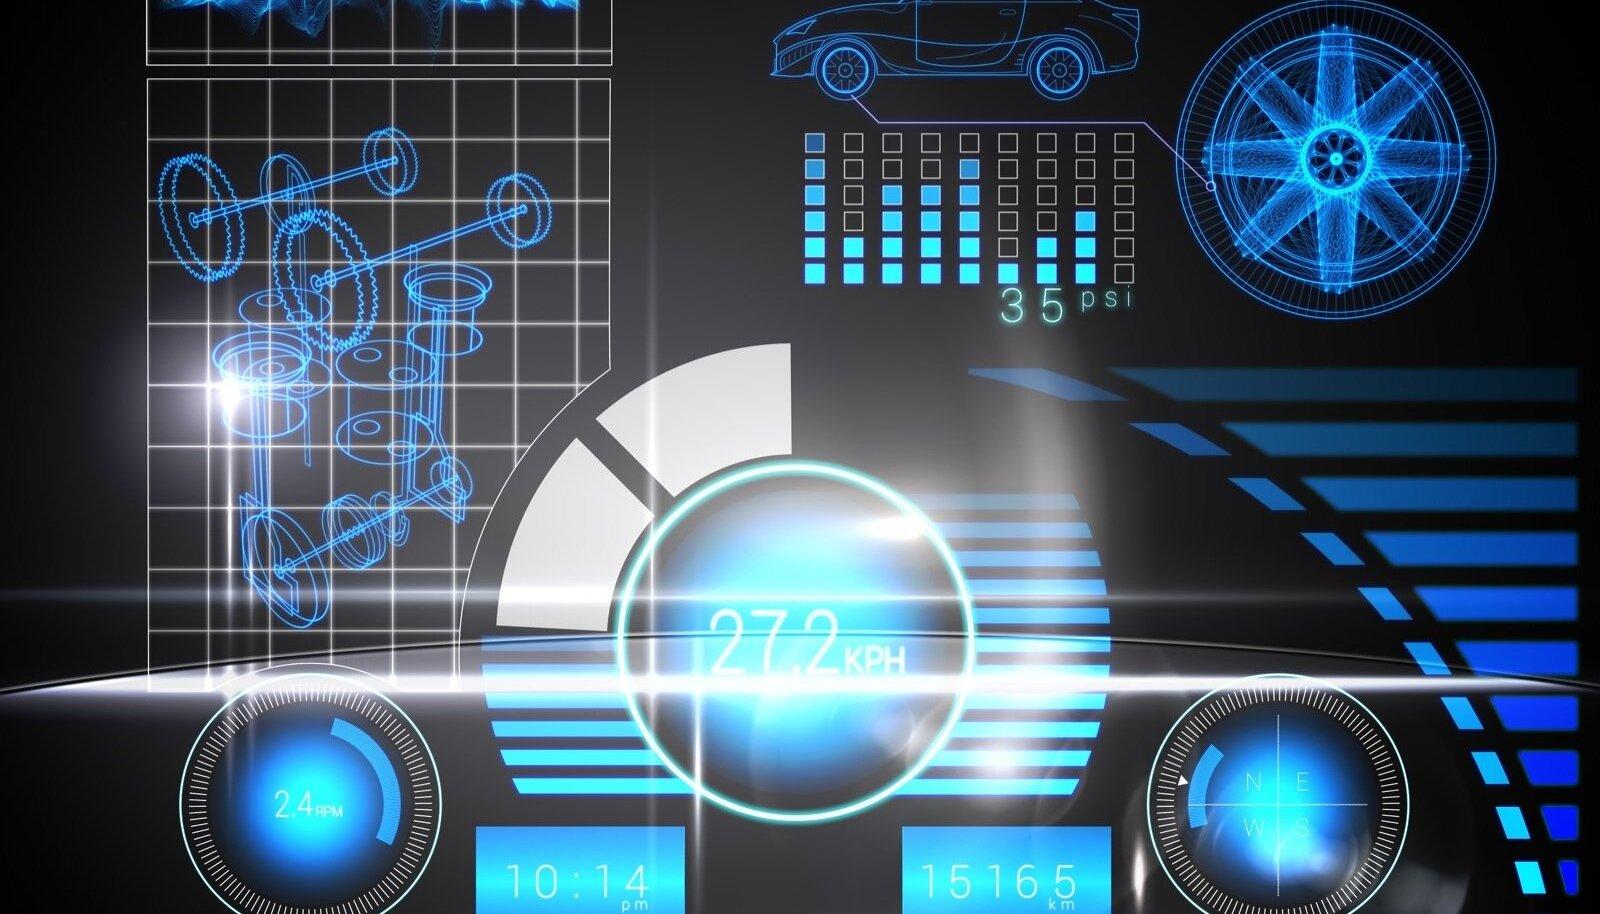 Möödunud aastal toodeti maailmas 17 miljonit autot, millele oli navigatsioonisüsteem juba tehases paigaldatud.